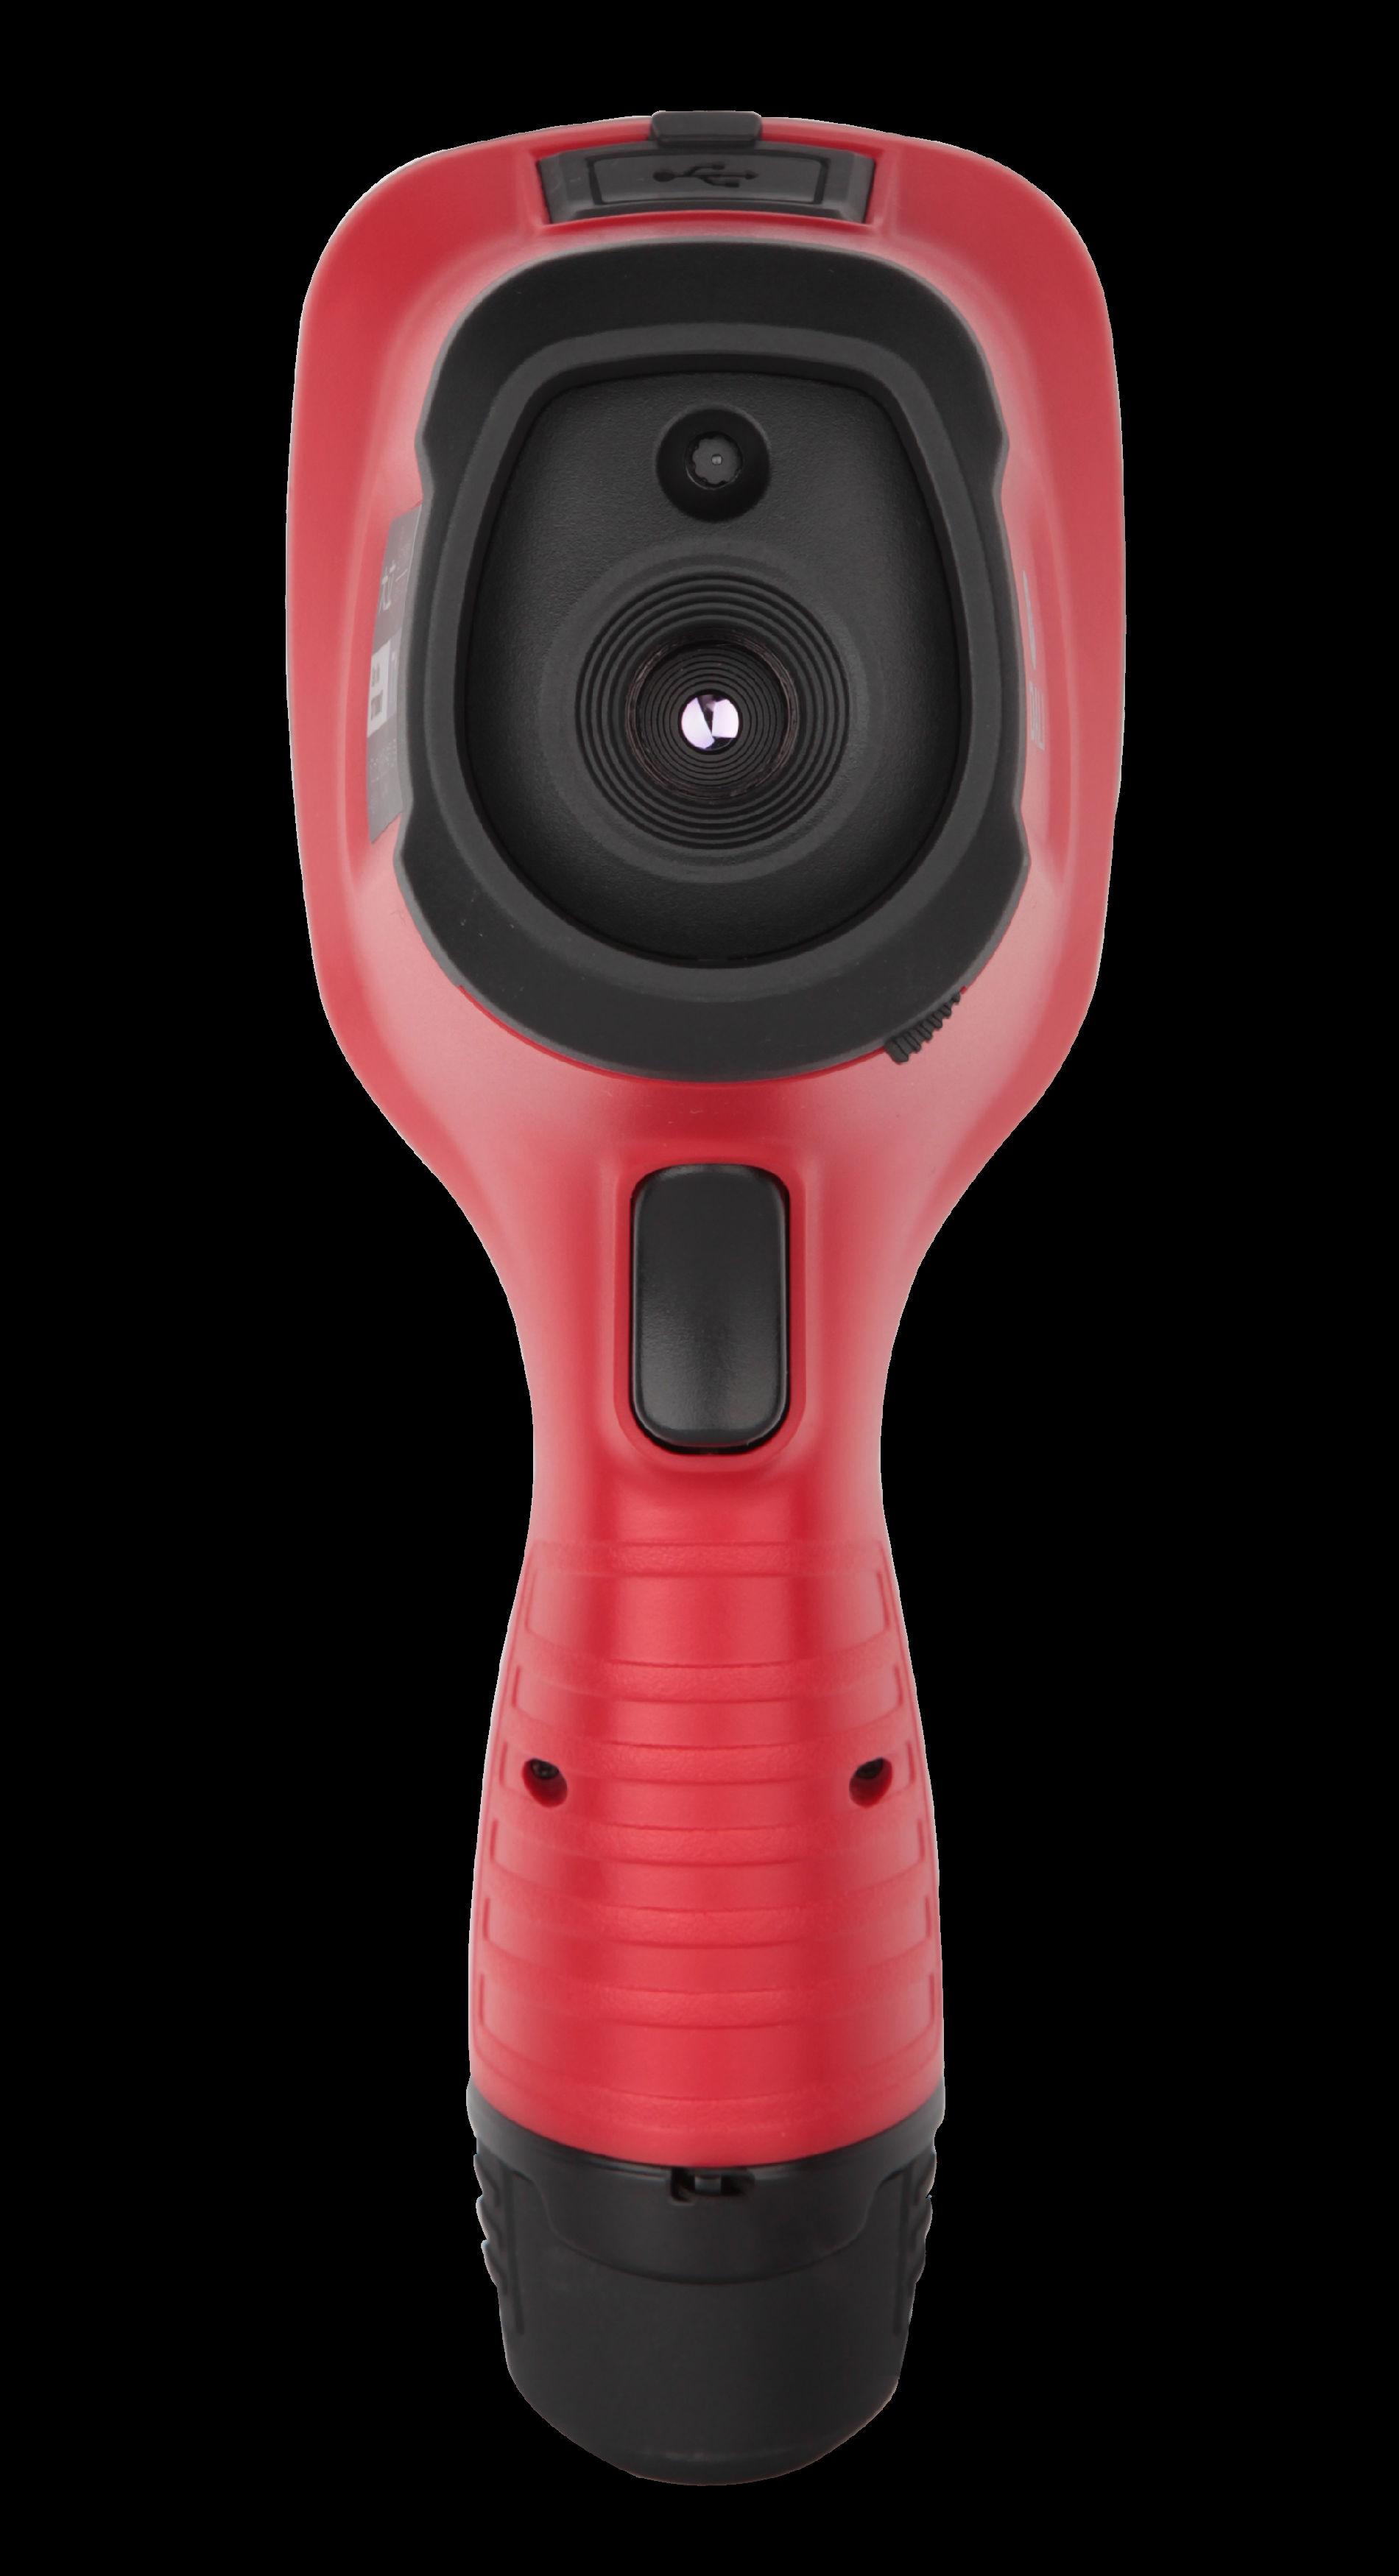 大立红外 T1 手持红外热像仪 120*120像素 入门级测温仪